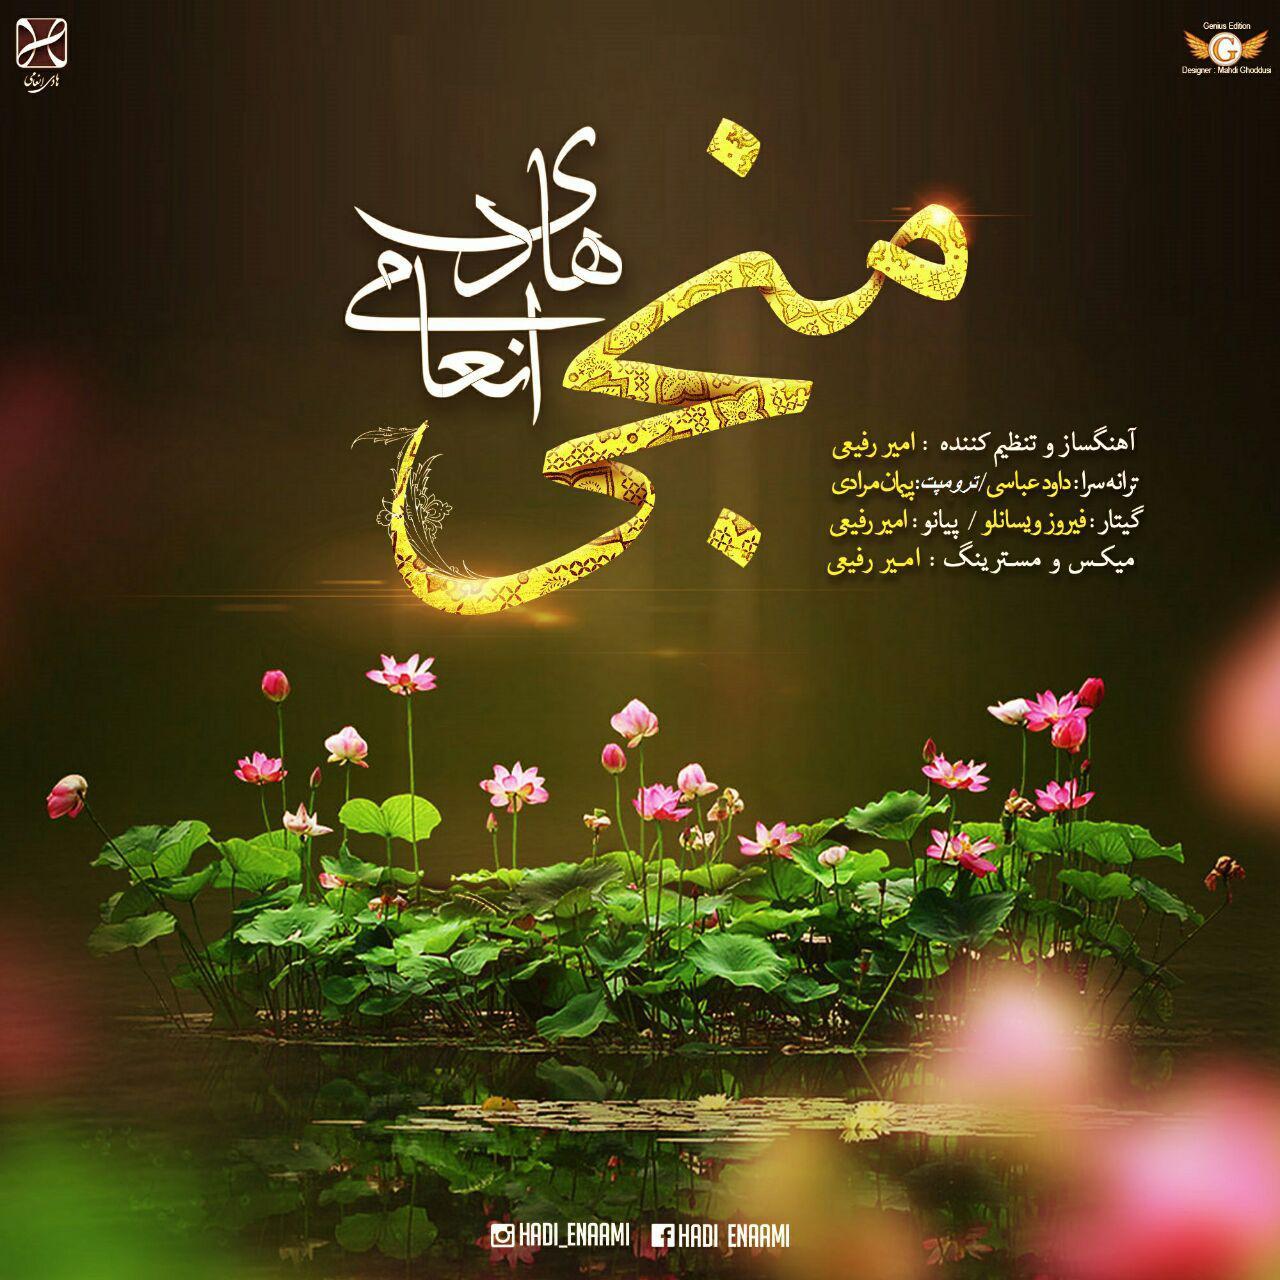 هادی انعامی به نام منجی